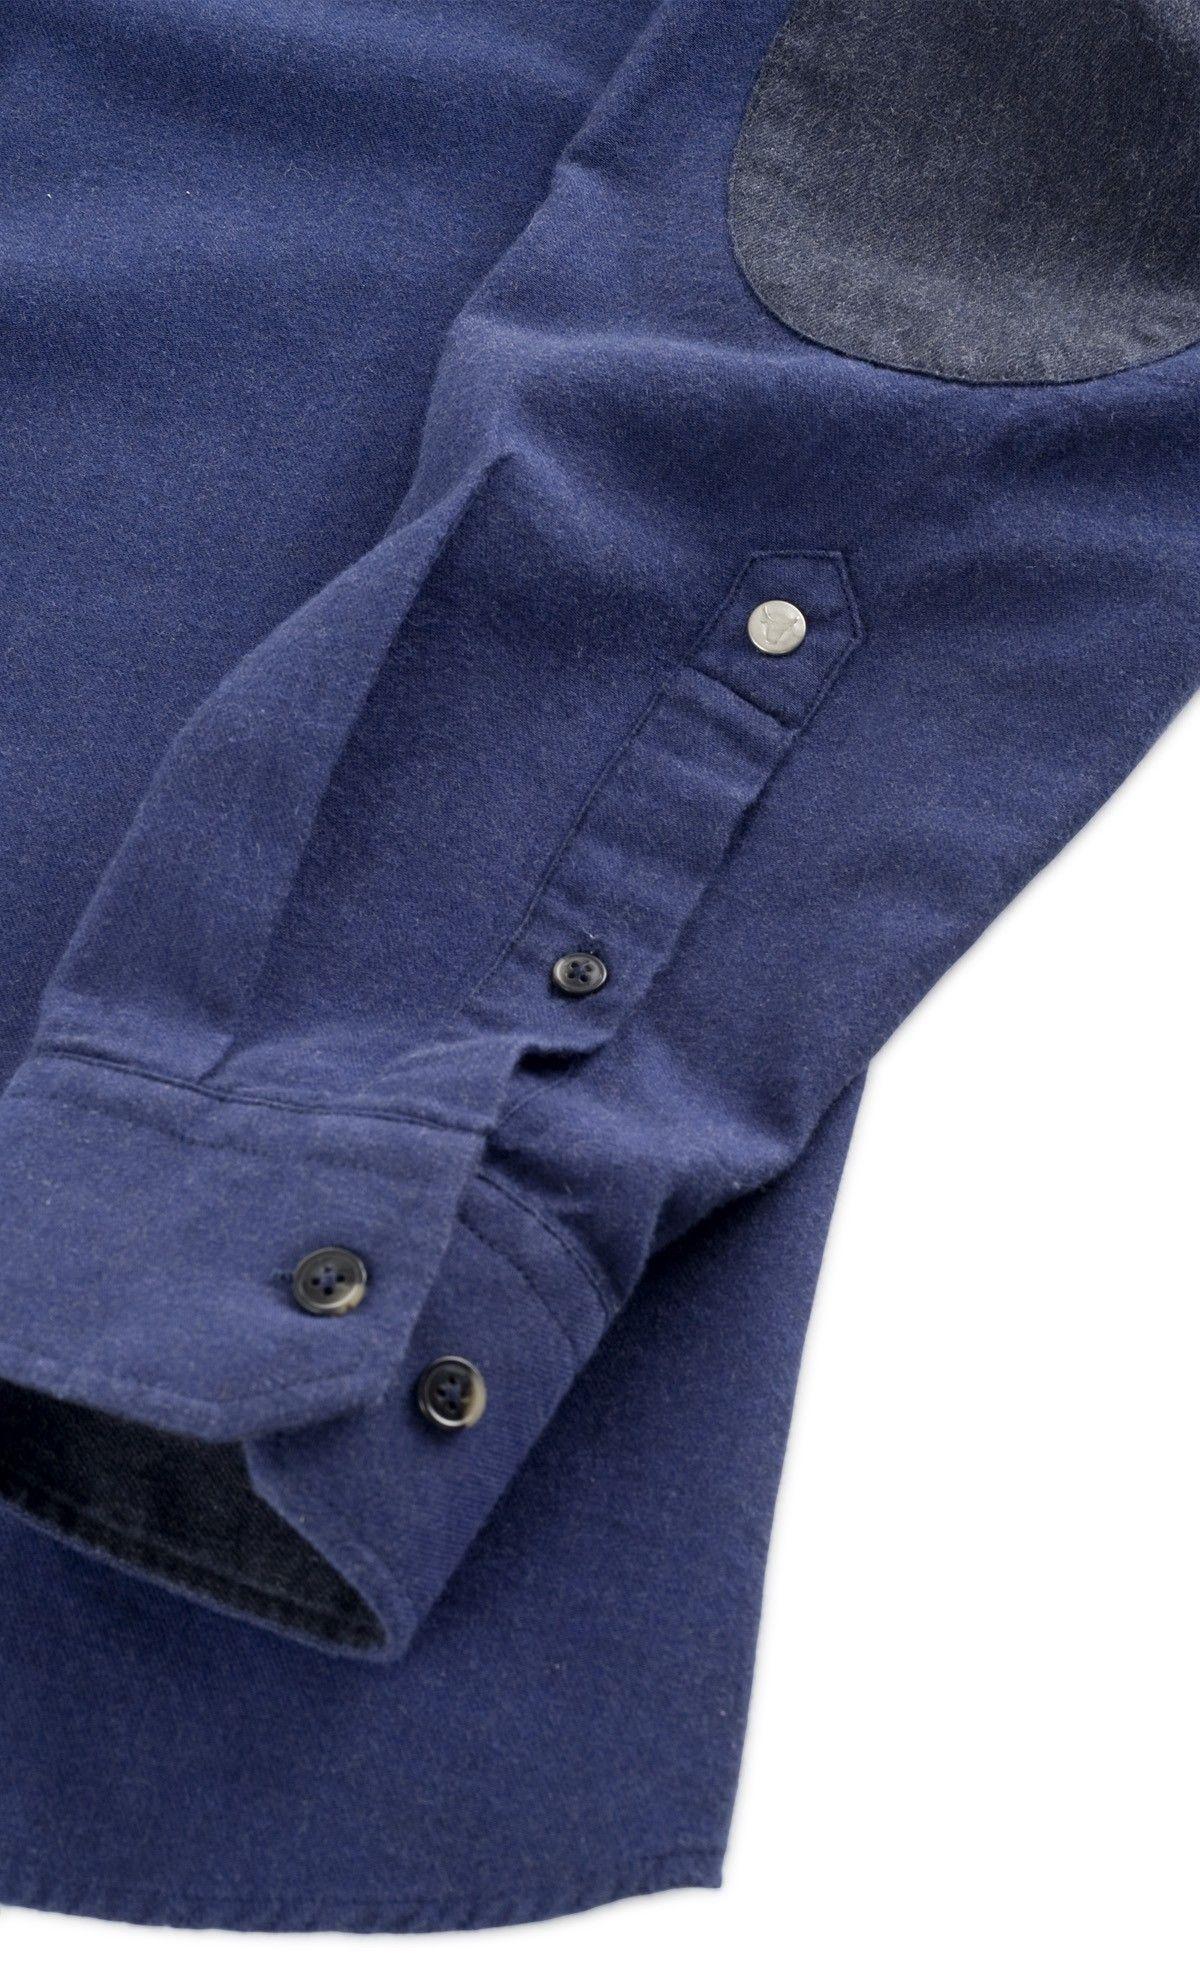 929a2def47337 Chemise Flanelle Bleue Homme avec coudières. Syle : Look Décontracté ...